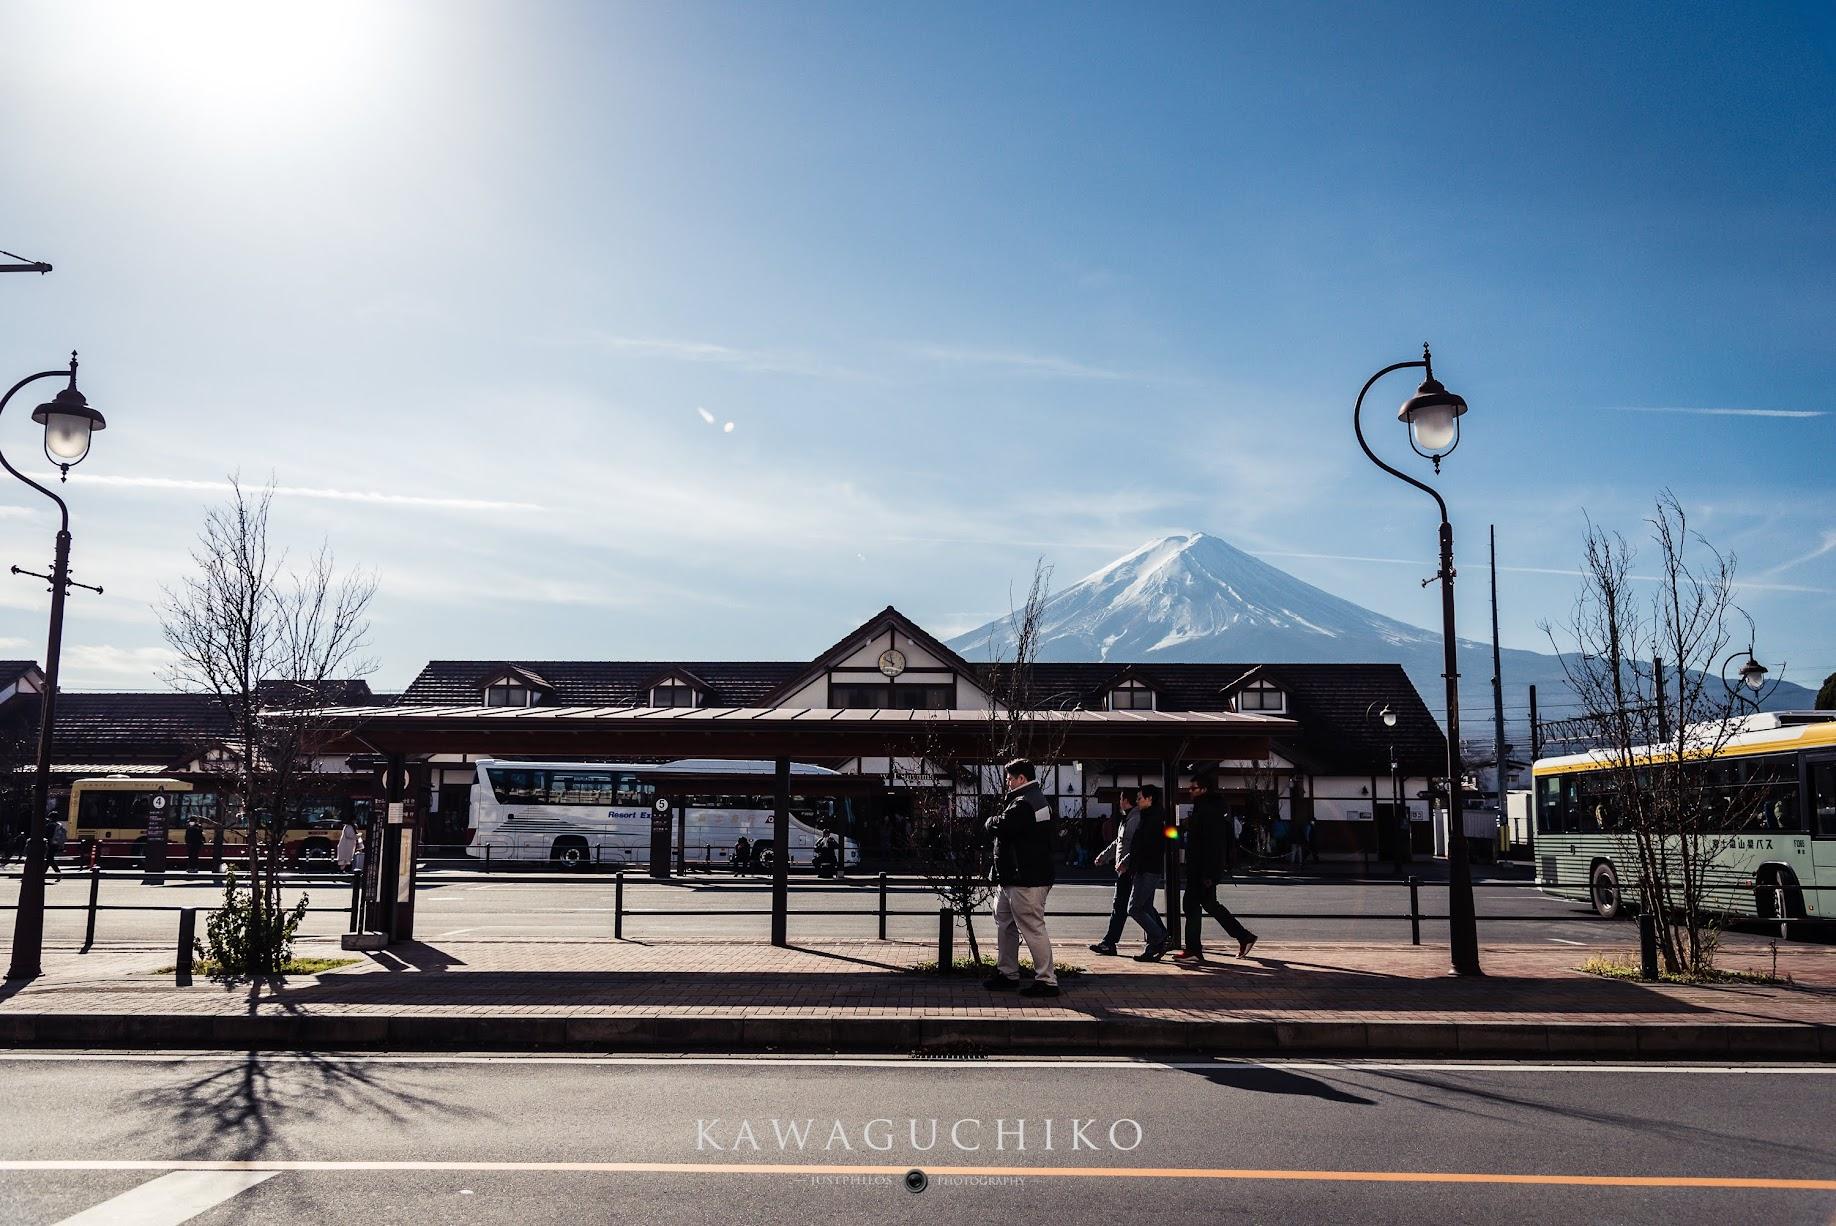 河口湖車站是官方推薦欣賞富士山的絕佳景點之一。